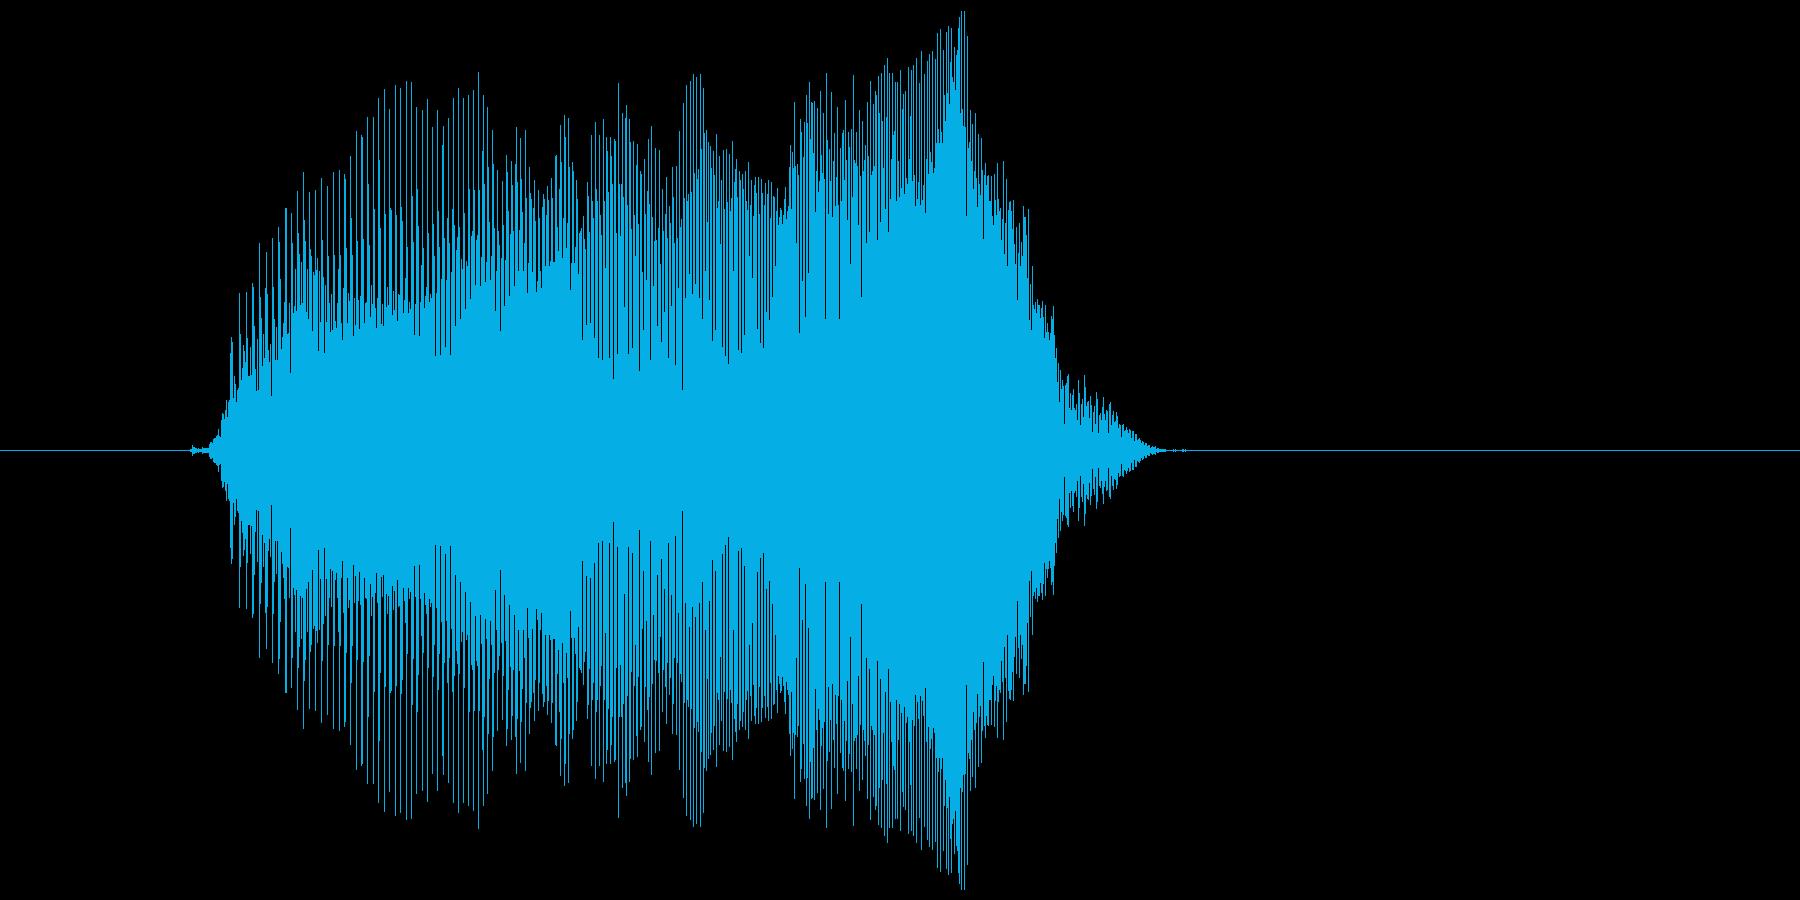 「えーいっ」の再生済みの波形